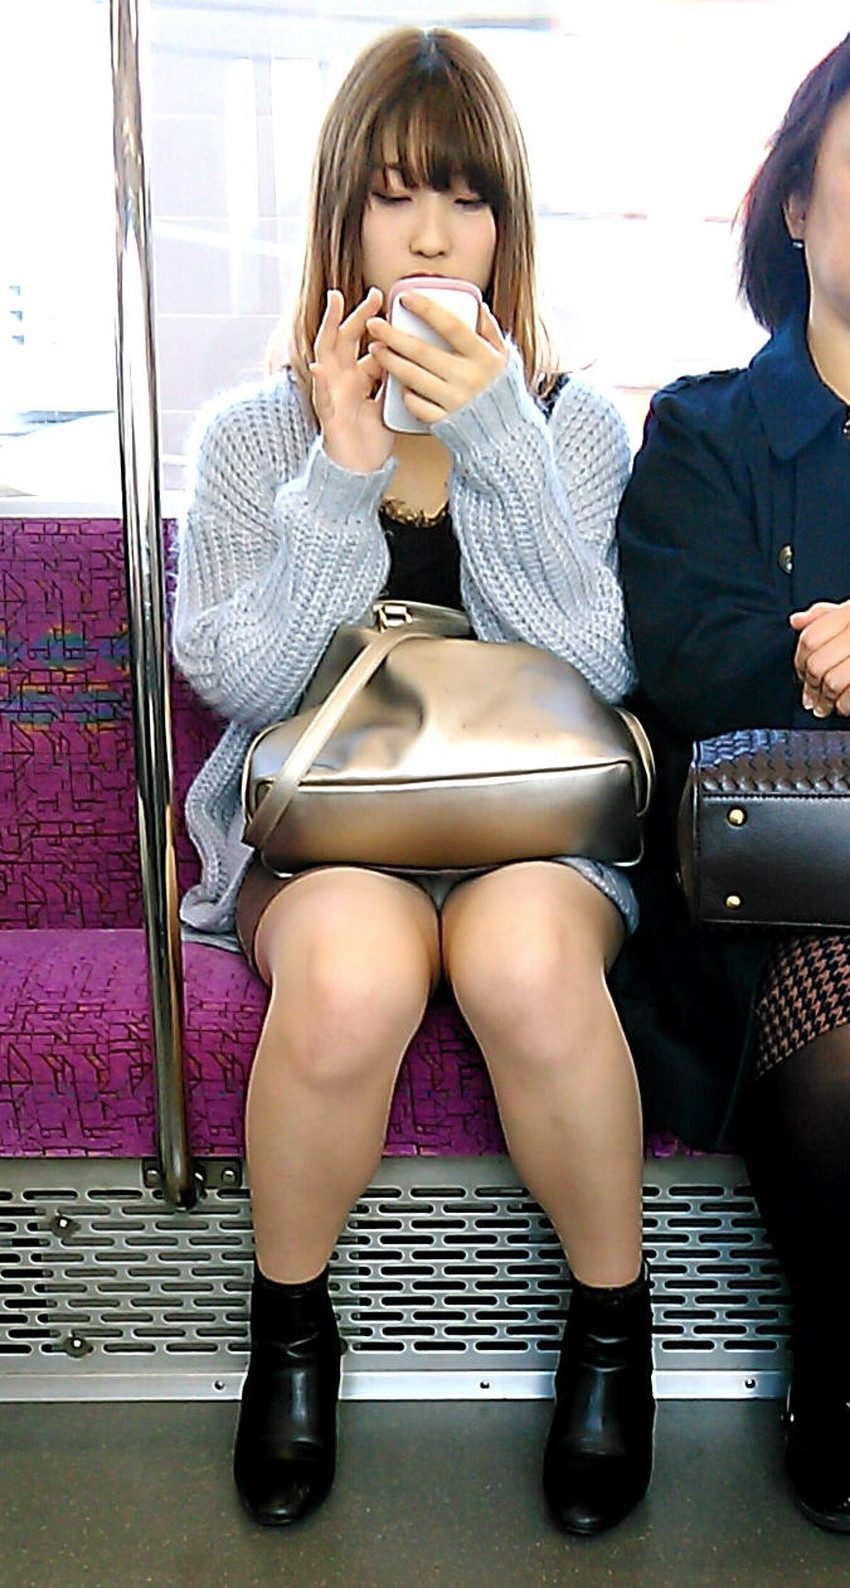 【電車内パンチラエロ画像】辛い満員電車の中のオアシス電車内パンチラ!スーツOLや制服JKのデルタゾーンからパンティー見えてる電車内パンチラのエロ画像集!【80枚】 77